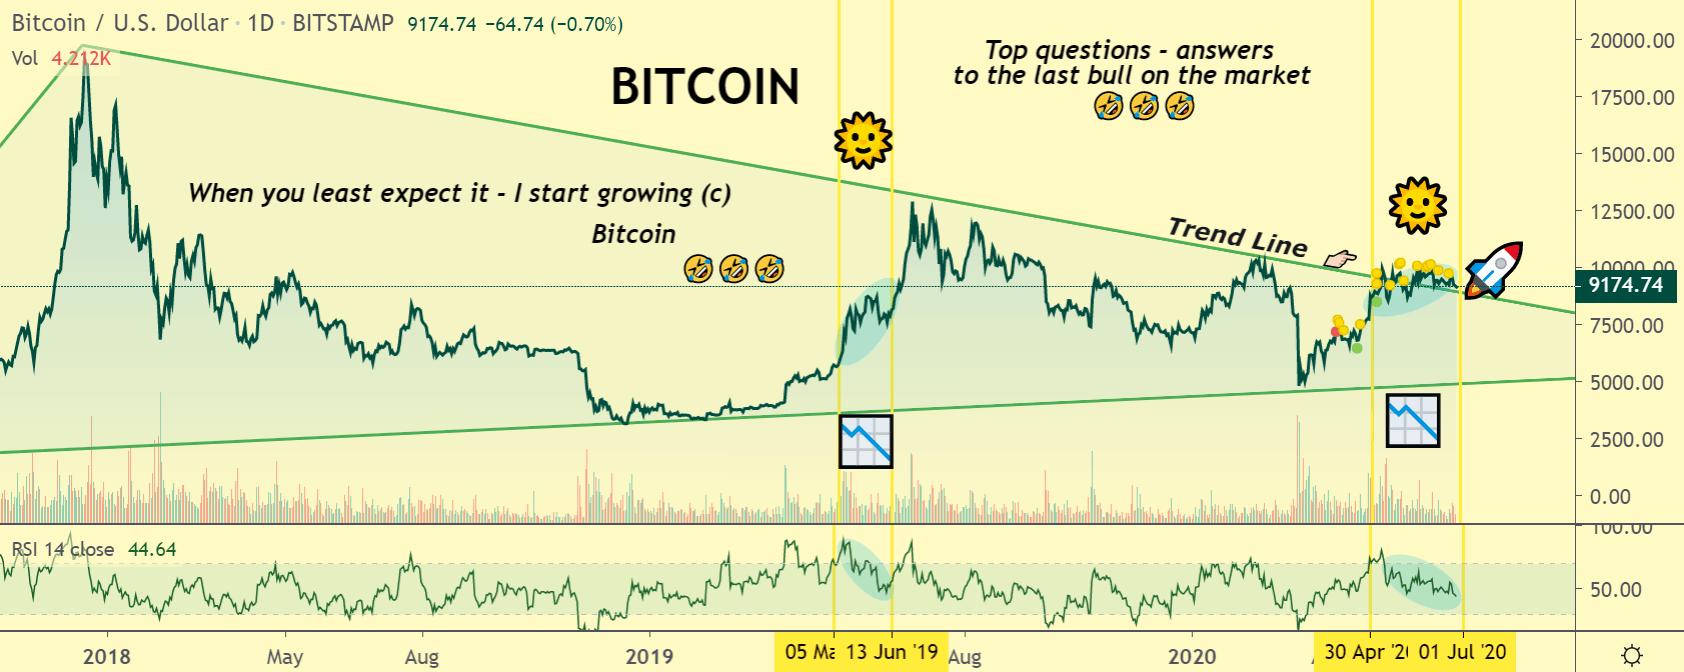 Bitcoin price chart 2 - 26 June